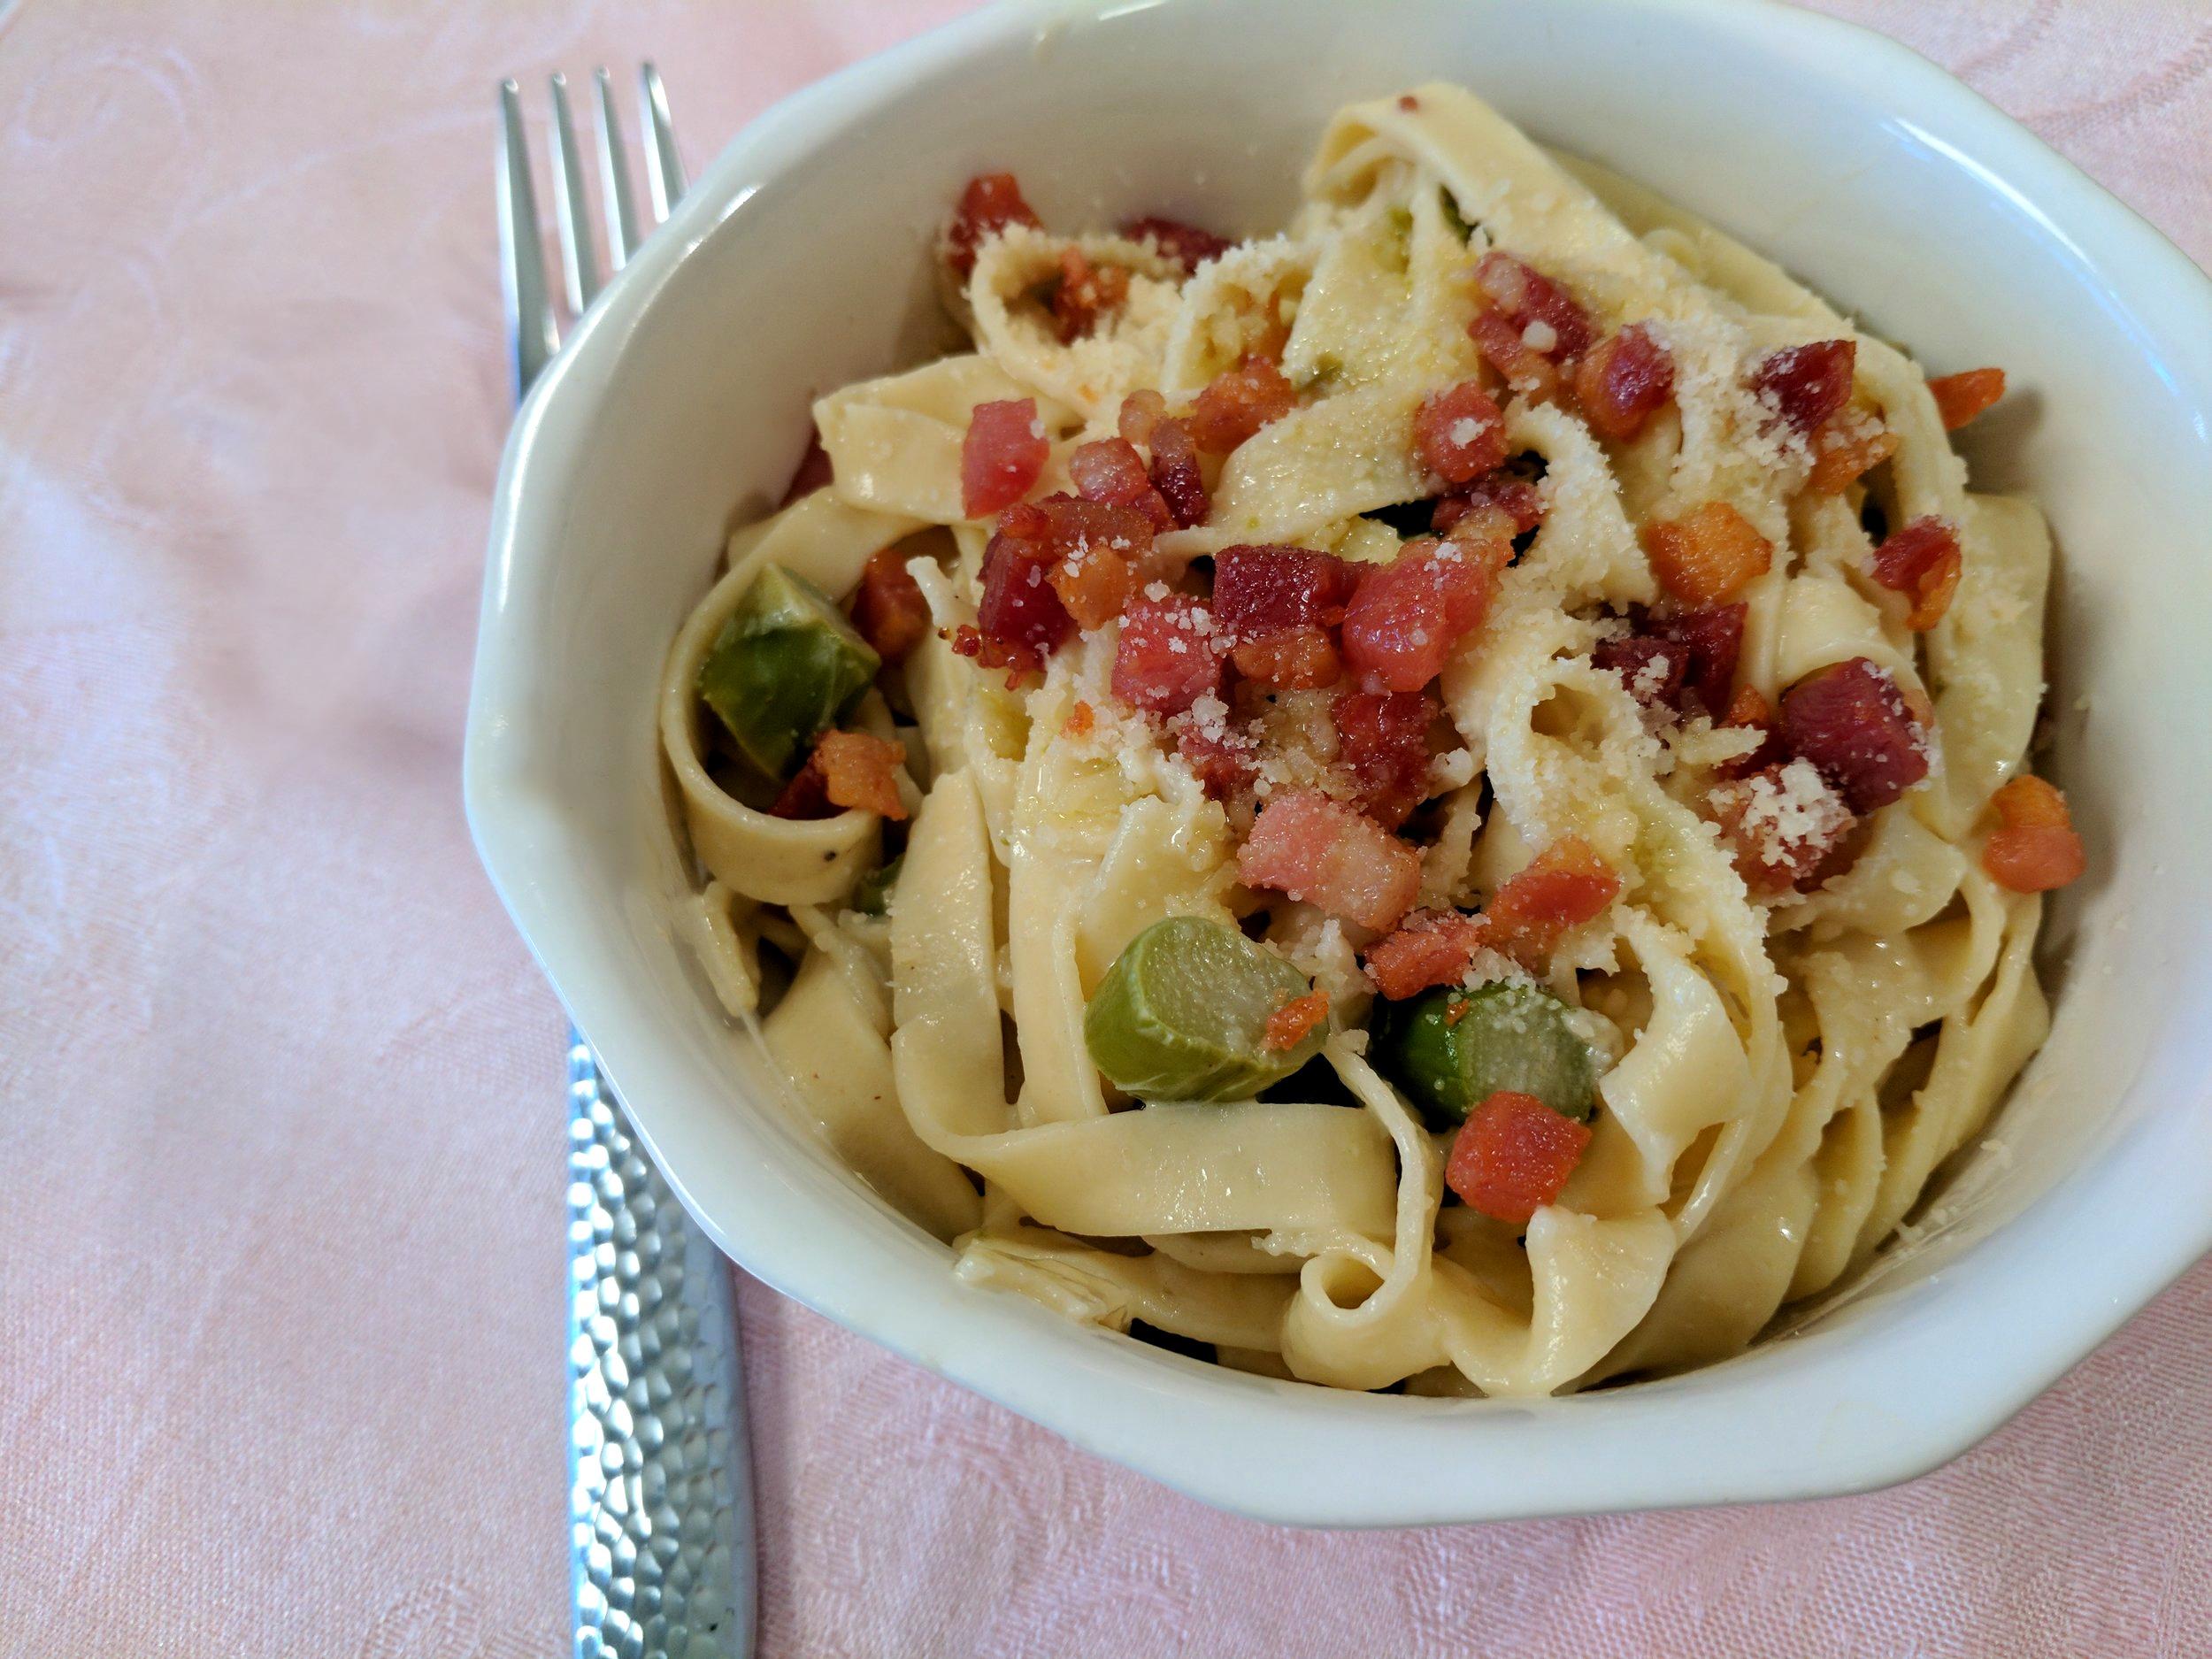 Cara's Cucina: Pasta With Asparagus